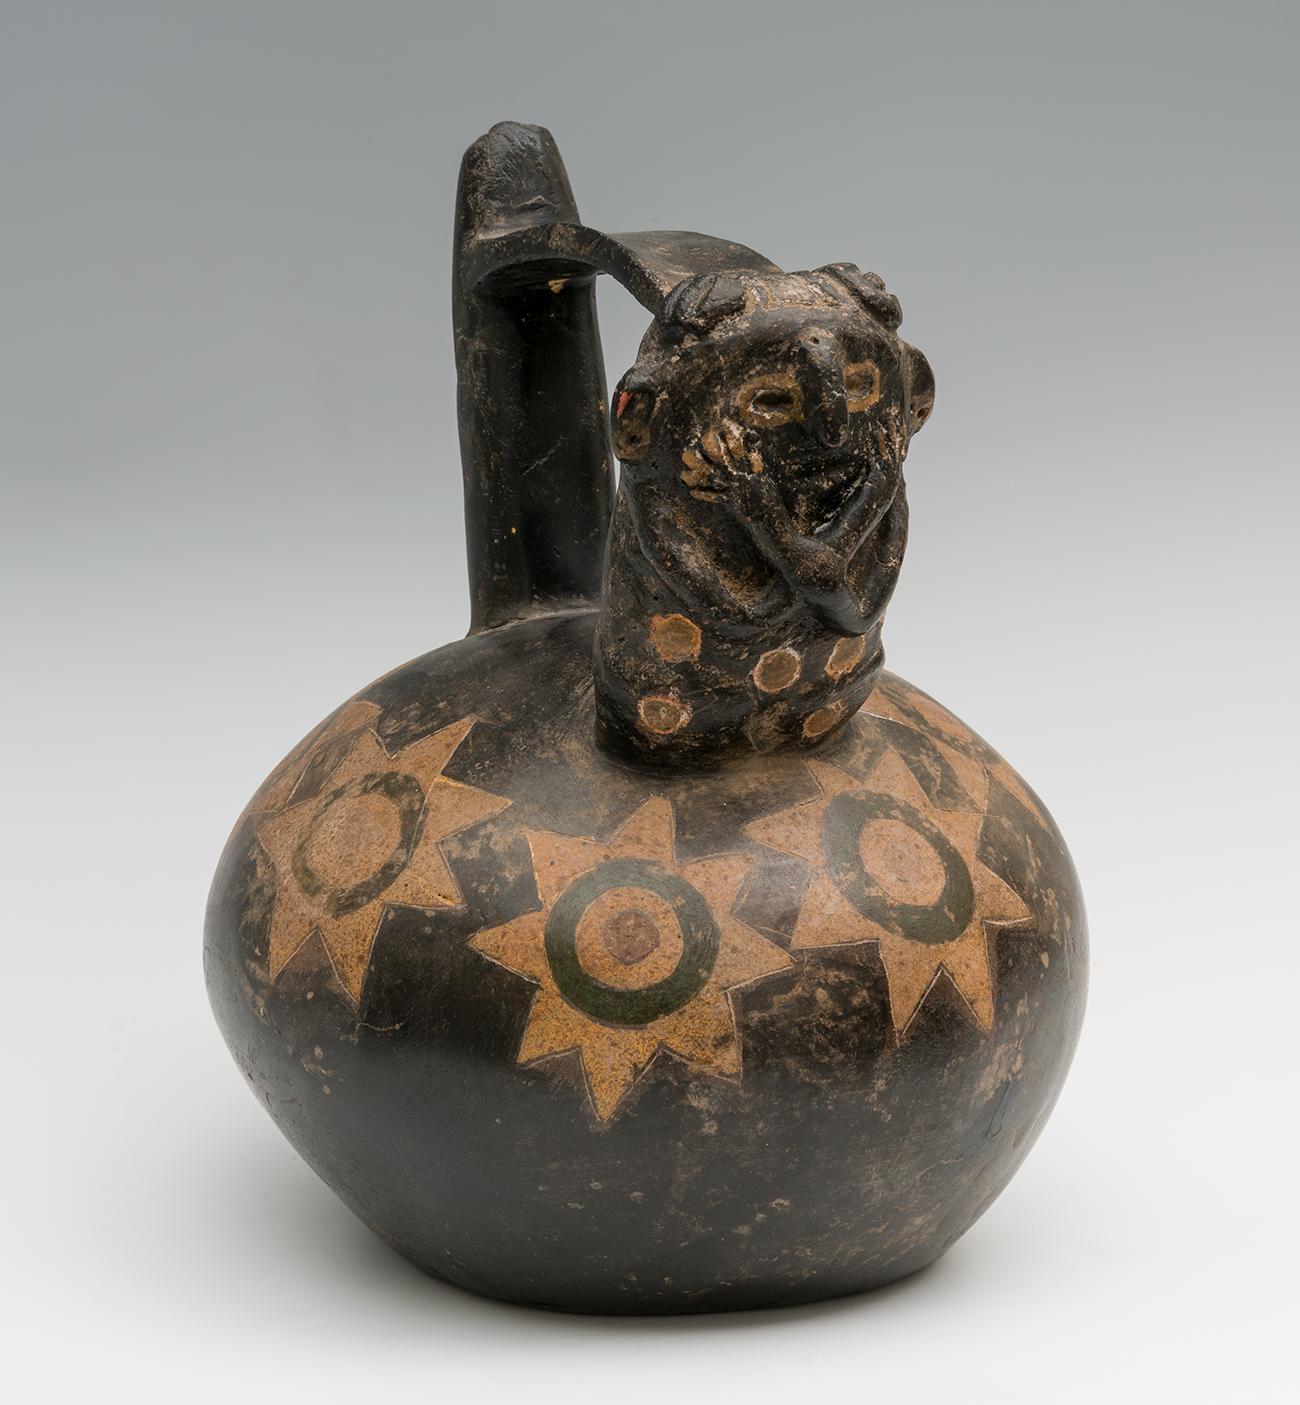 Huaco figurativo de la cultura Paracas; Perú, 700-300 a.